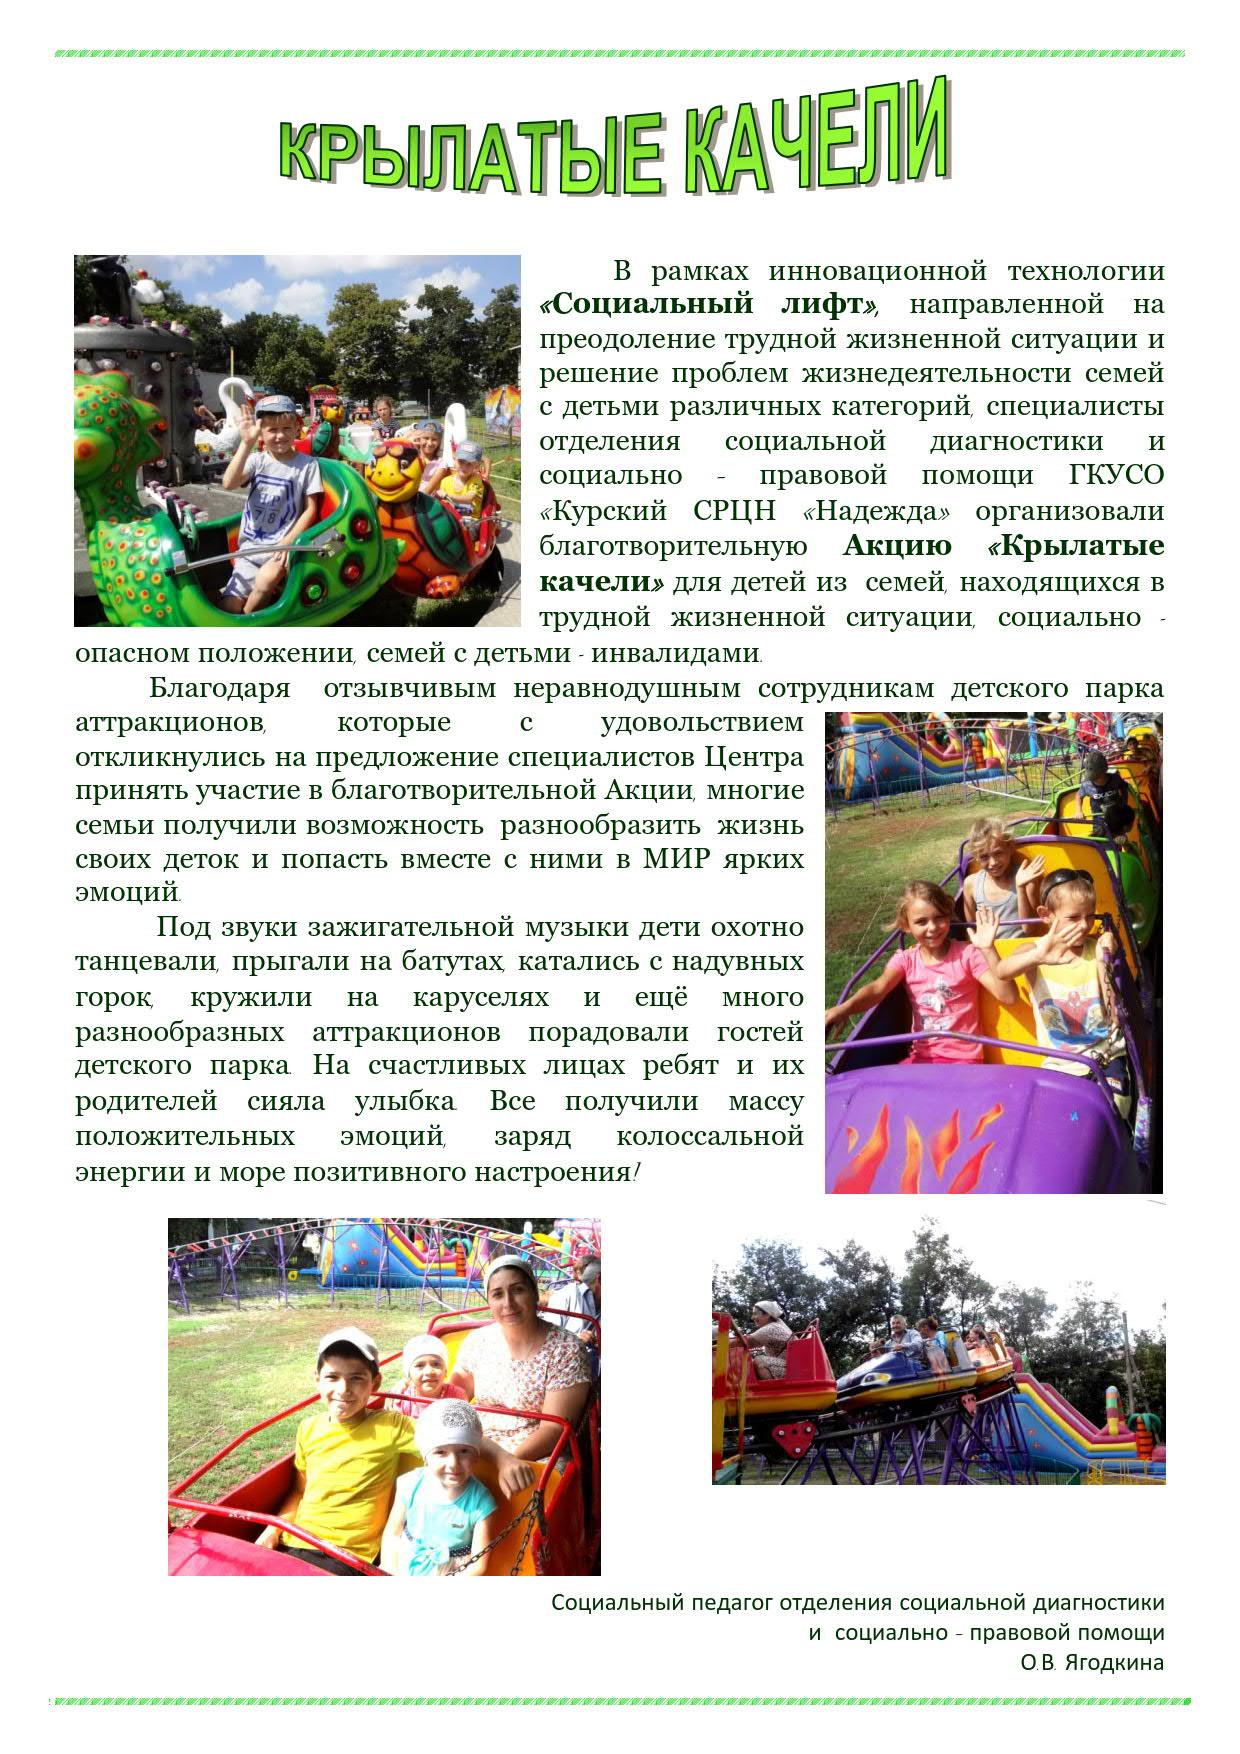 Статья карусели_1